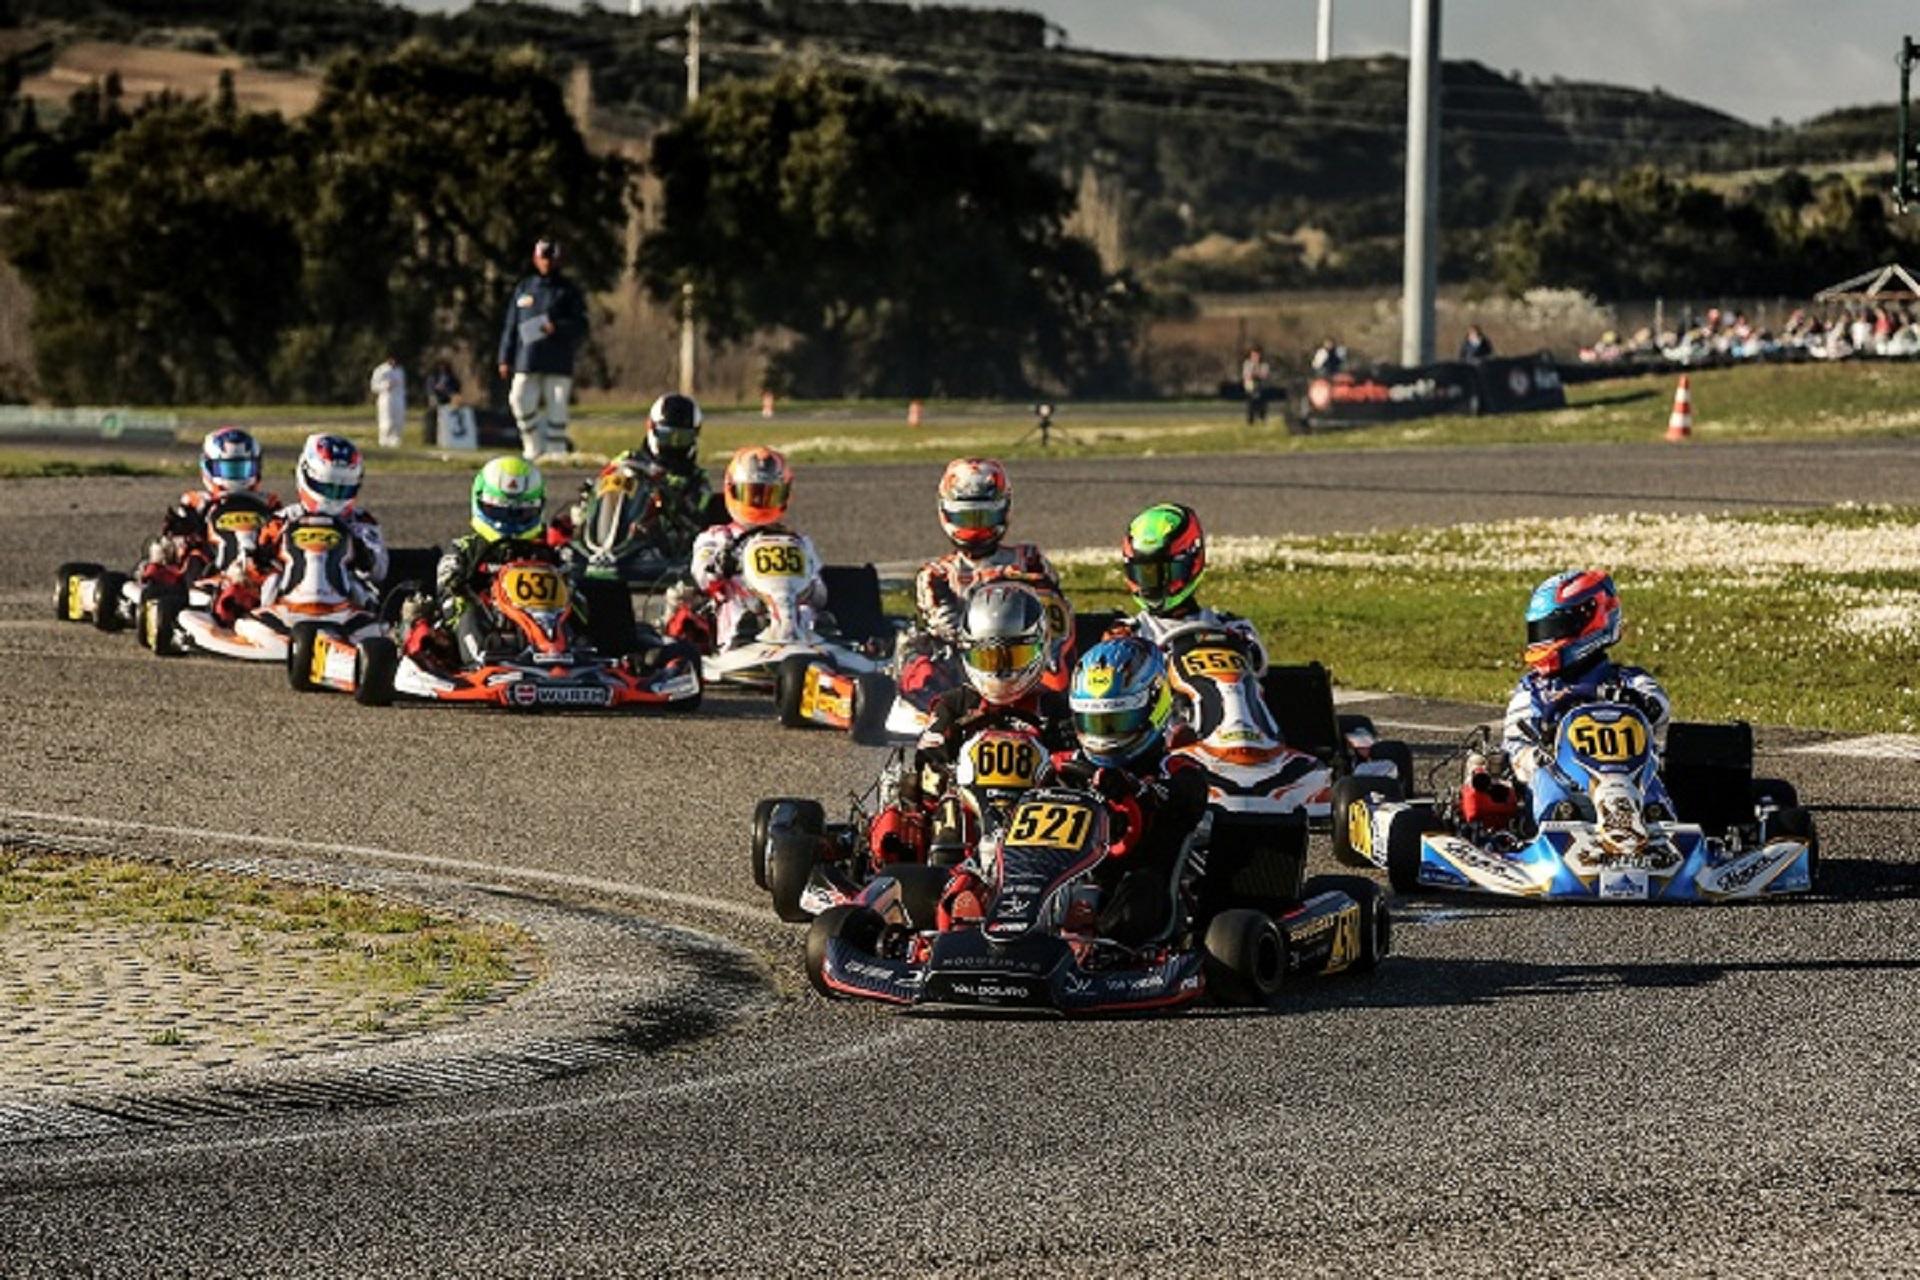 Taça de Portugal de Karting reagendada para 5 e 6 de dezembro no Bombarral